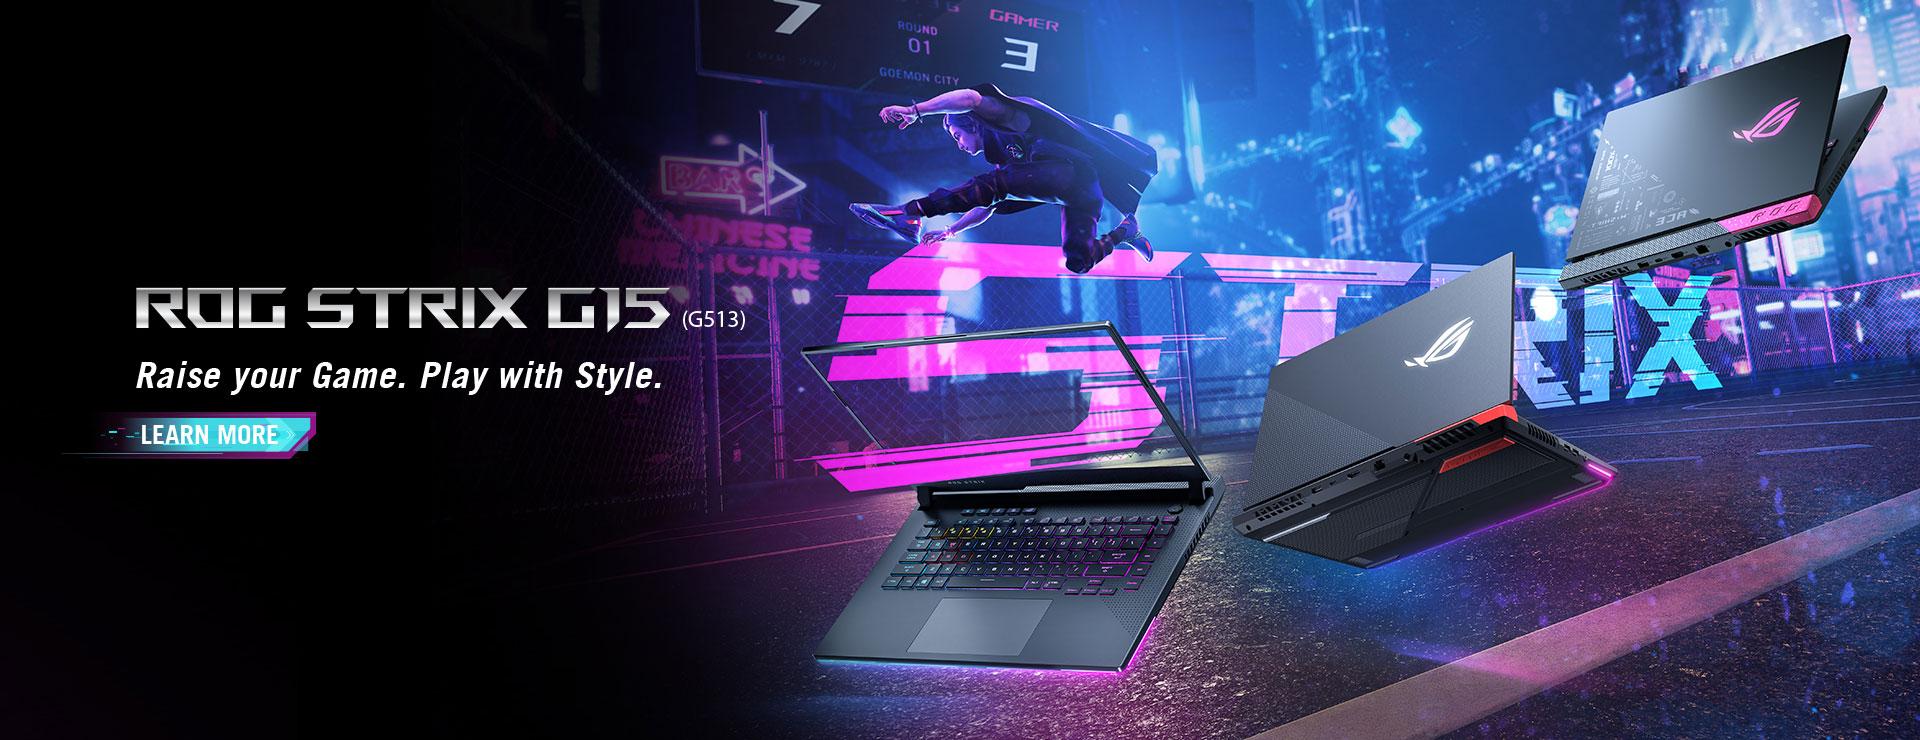 2021-rog-strix-g15-series